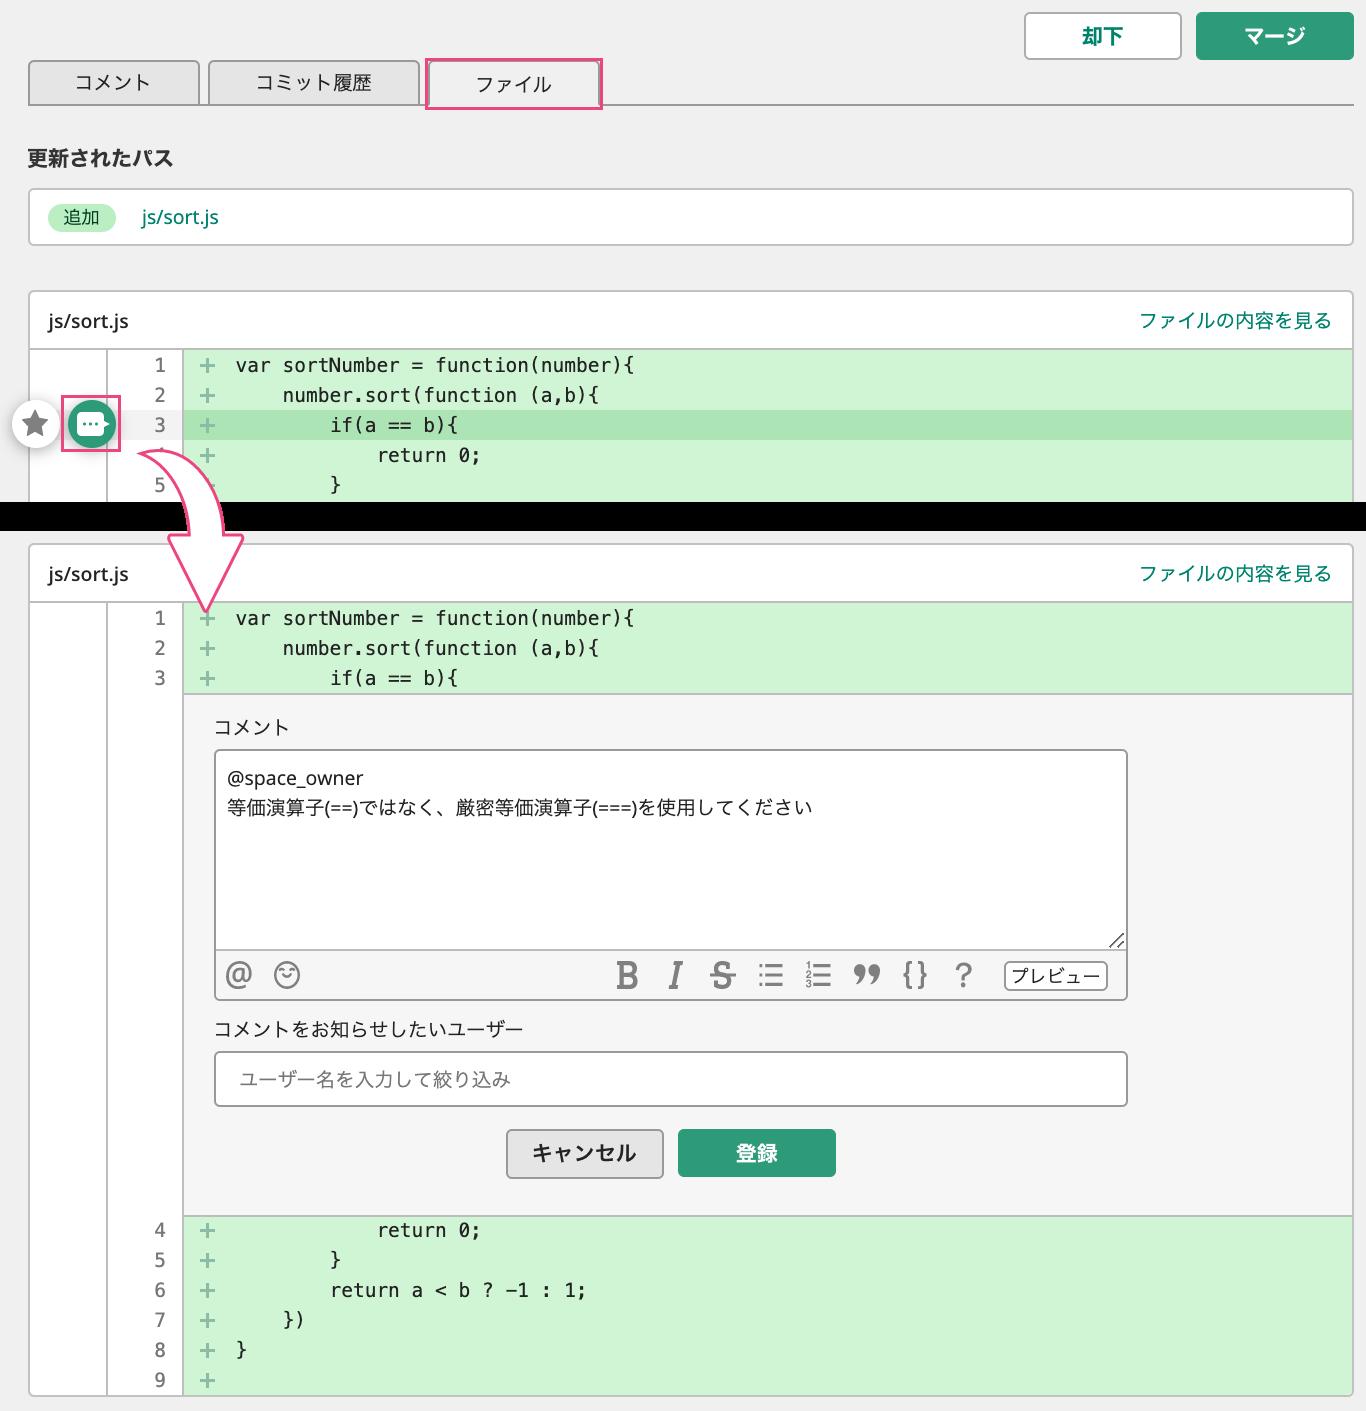 プルリクエストのコメント | プロジェクト管理ツールBacklog